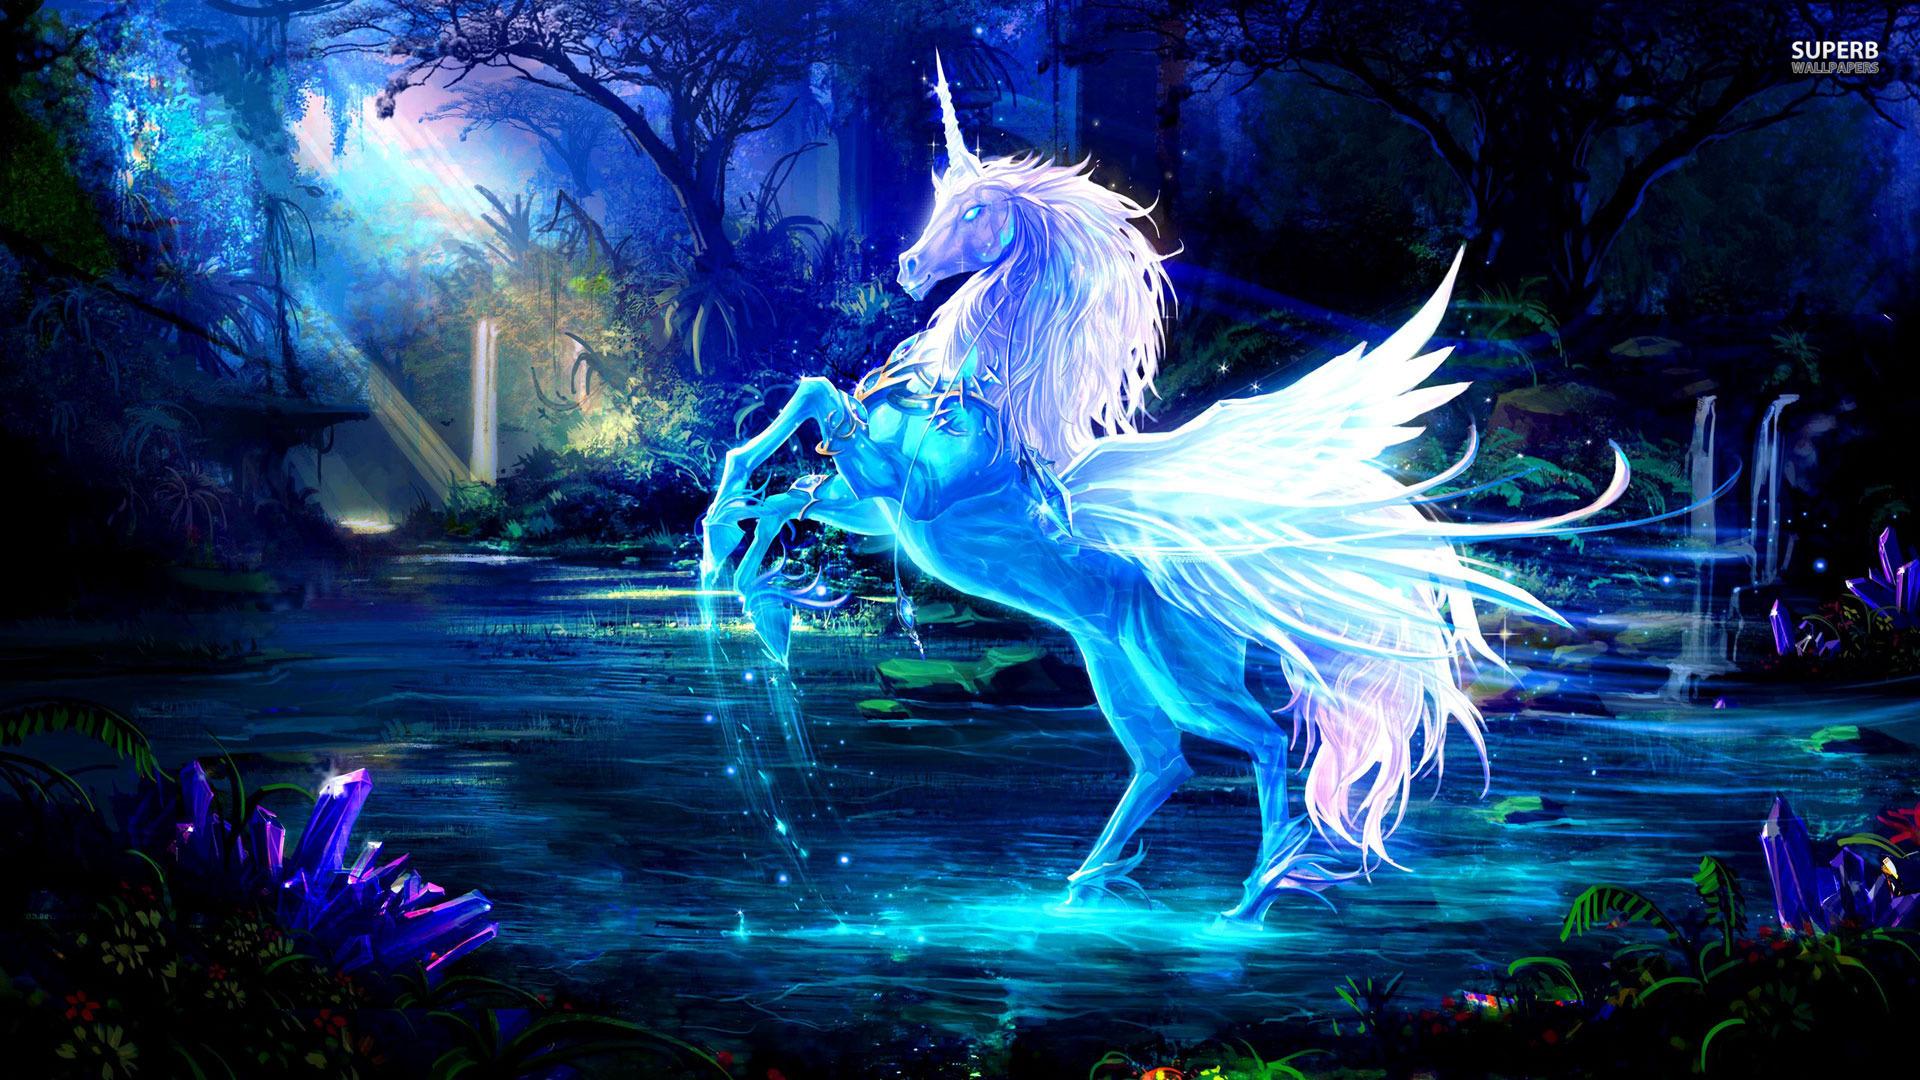 Hd wallpaper unicorn - Unicorn Full Hd Background